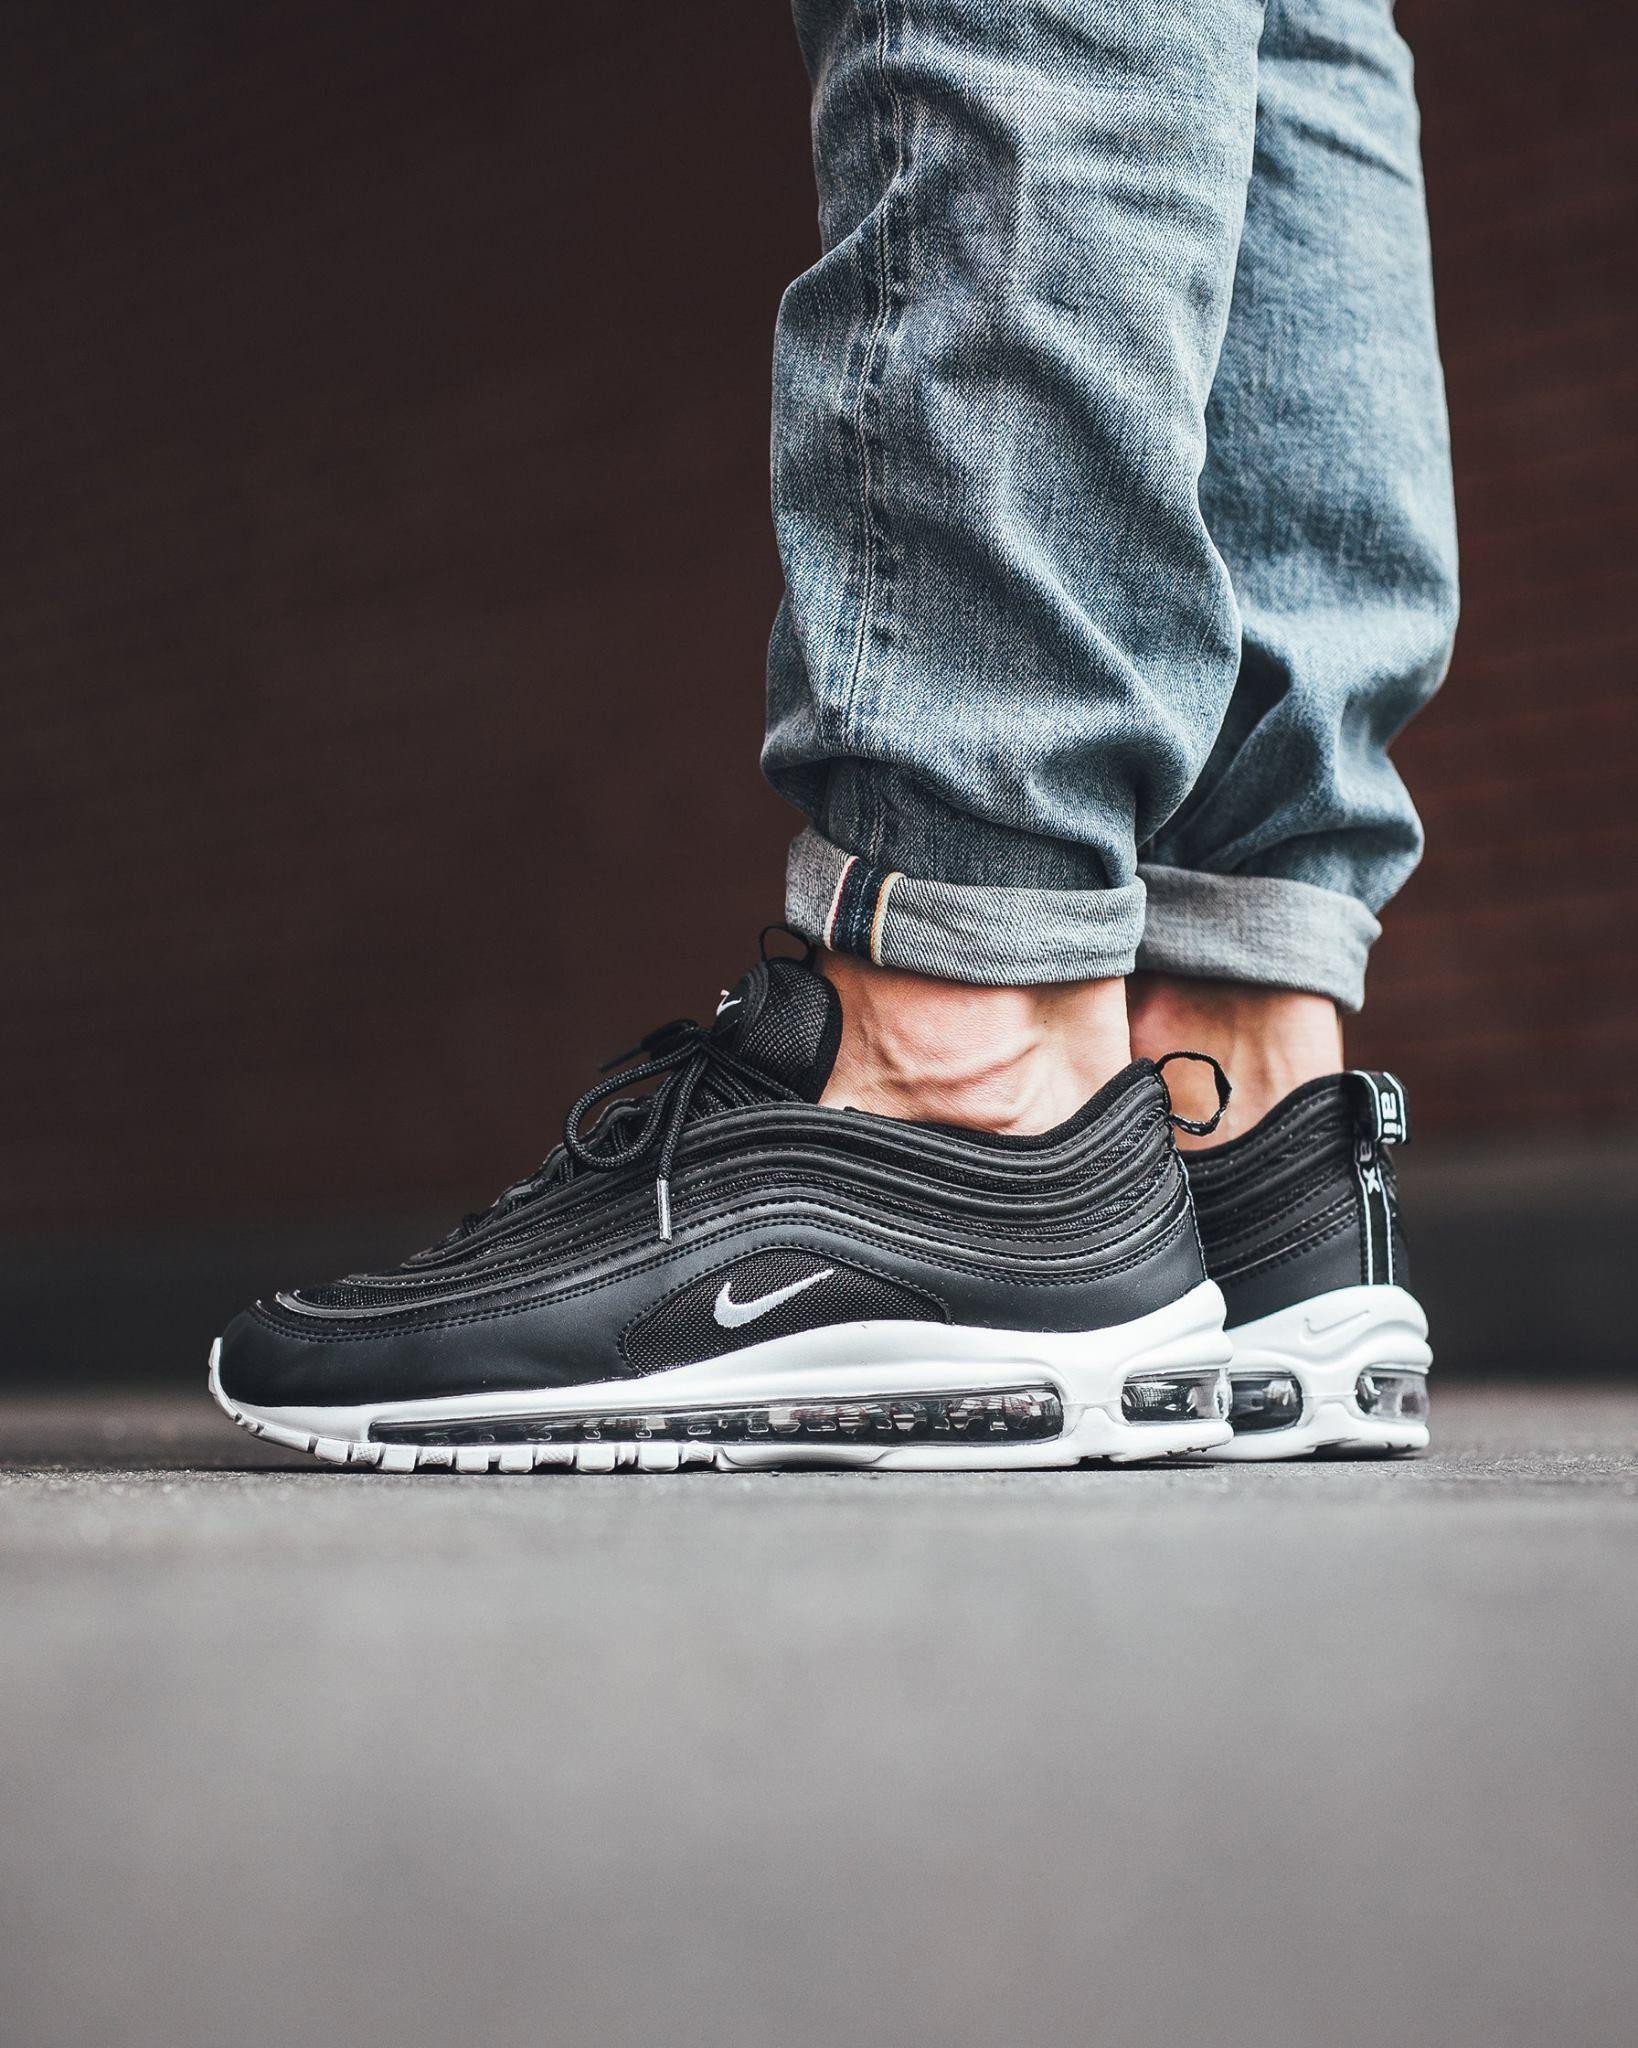 nike air 97 all black